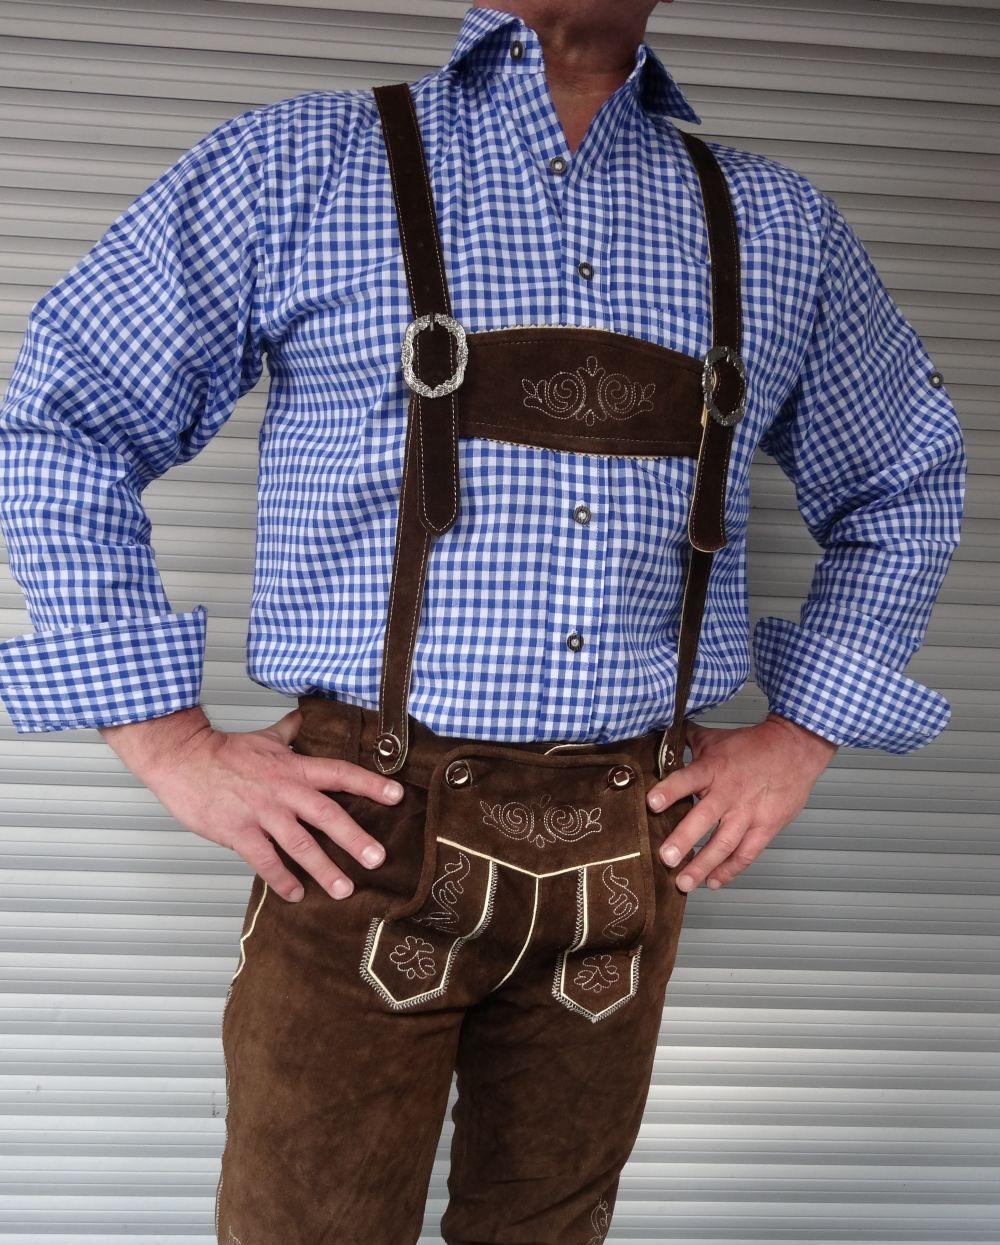 Herren Trachtenhemd blau weiss kariert Grösse M - 4 XL NEU